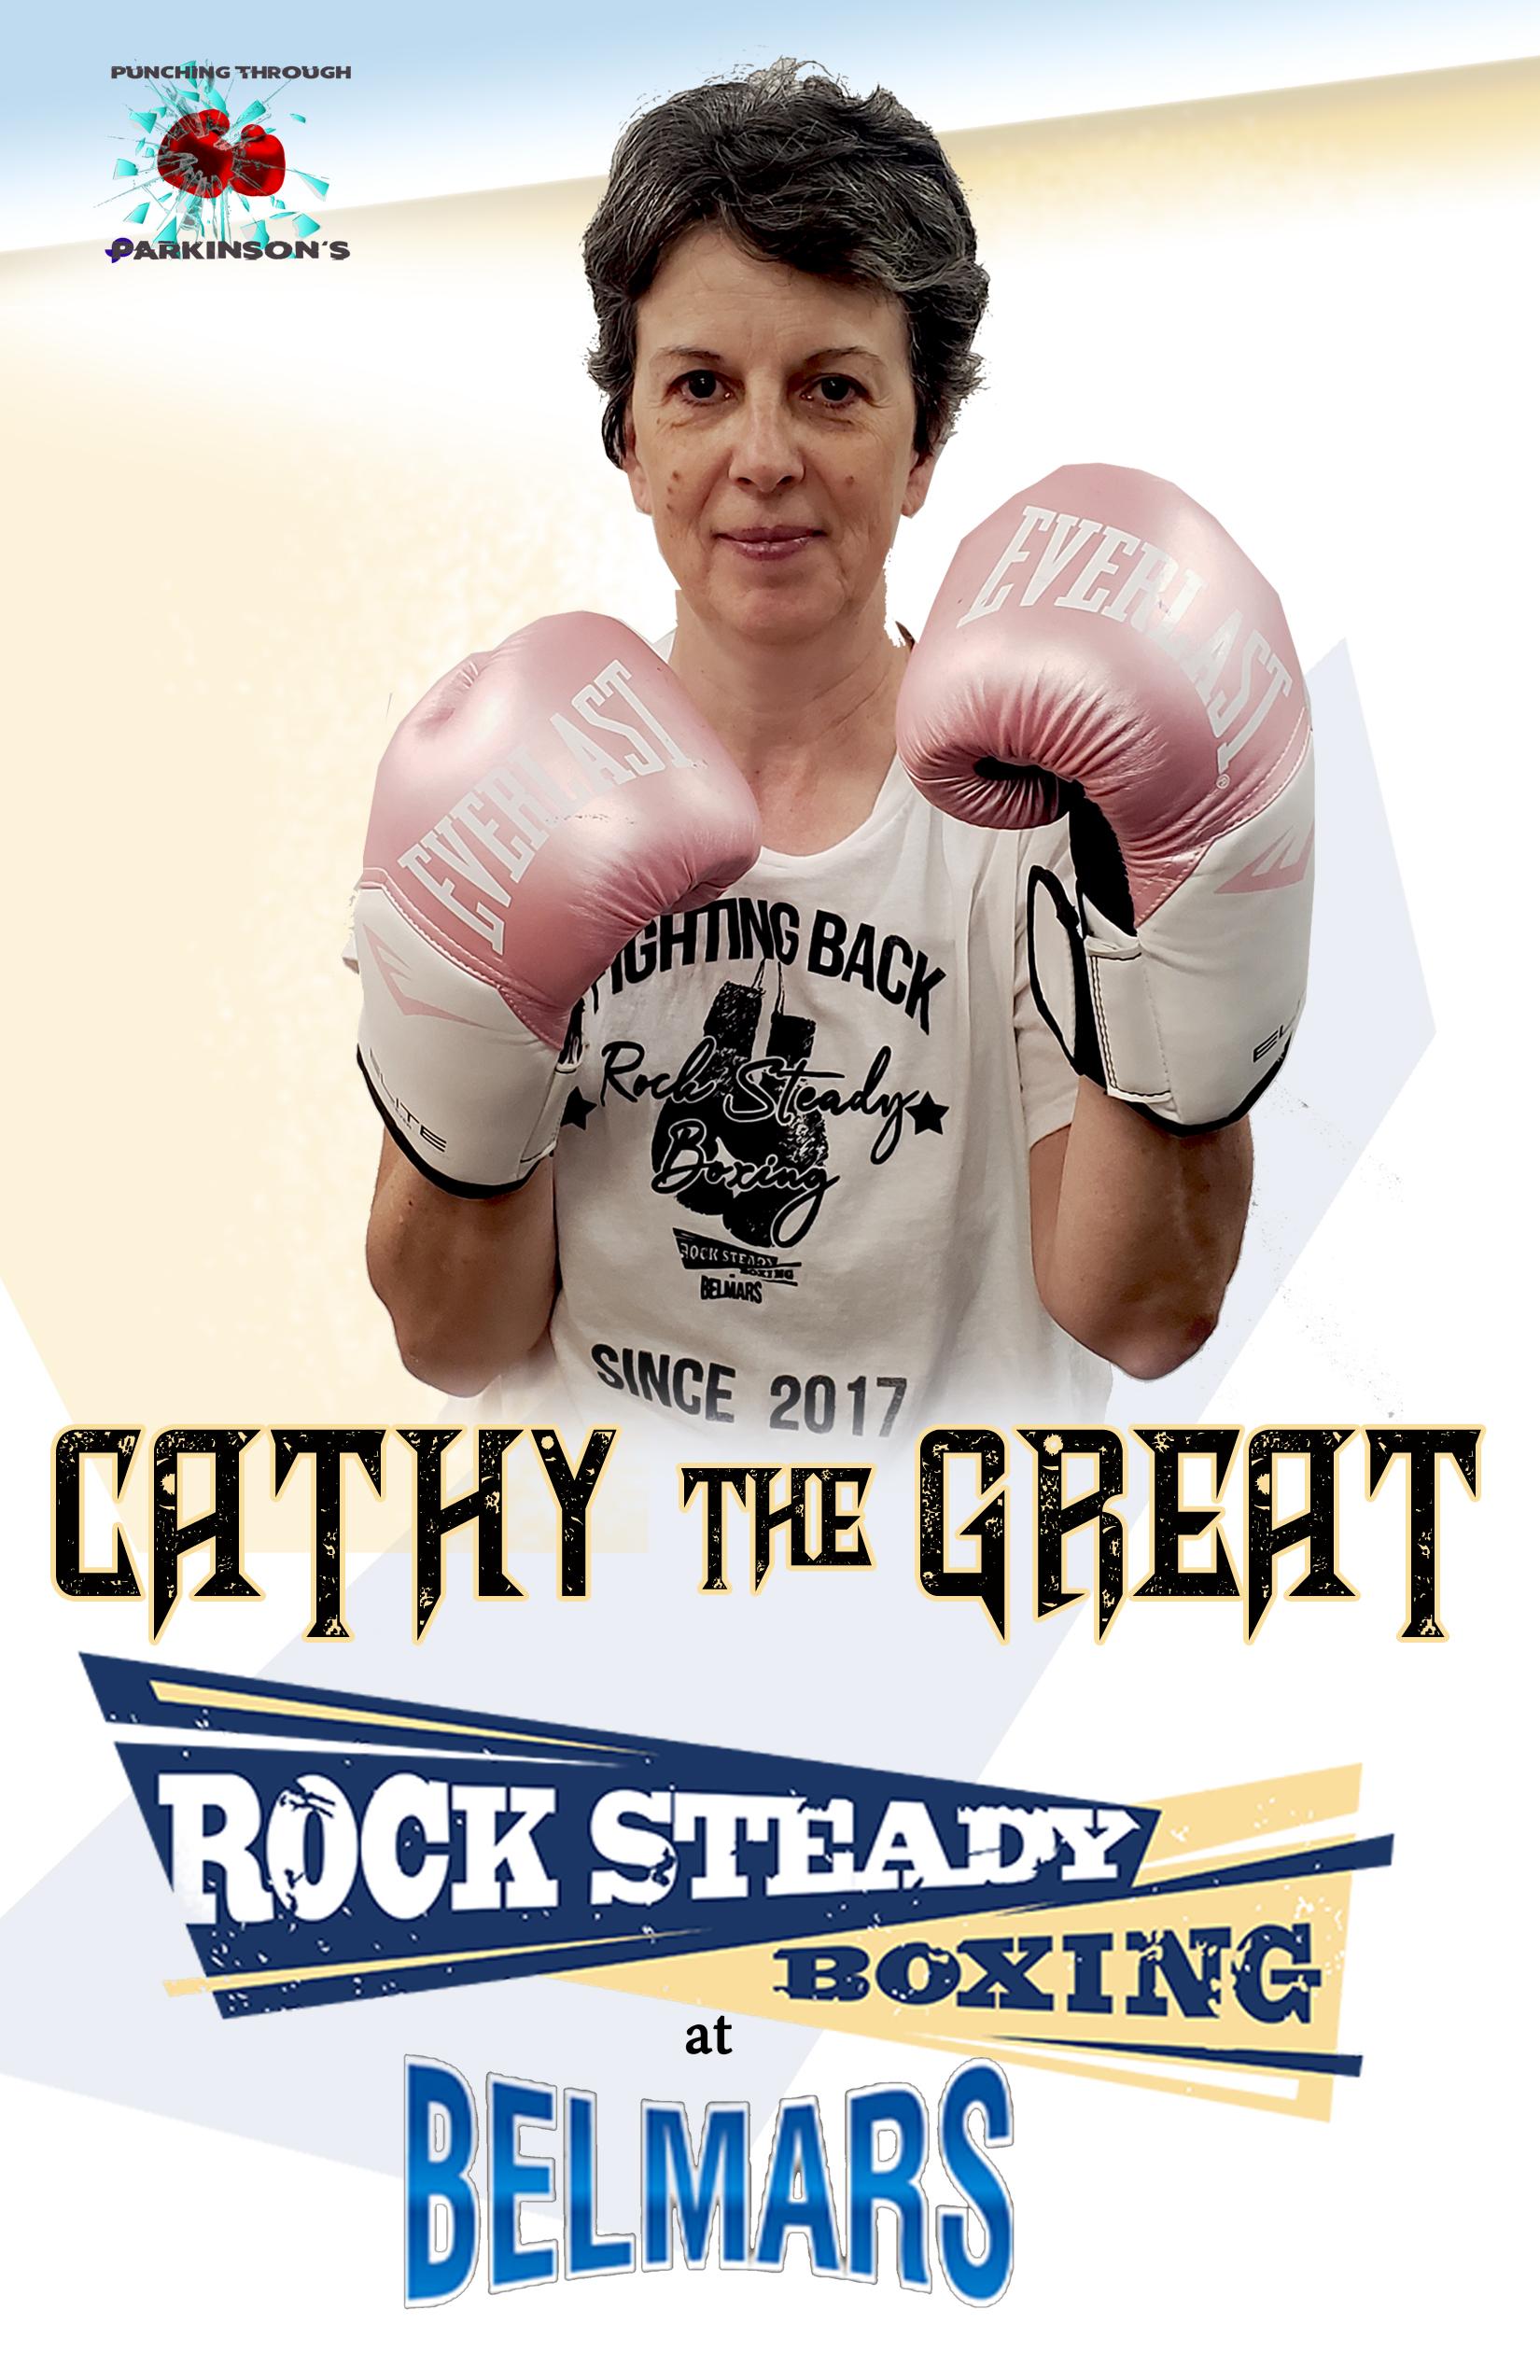 RSB Cathy